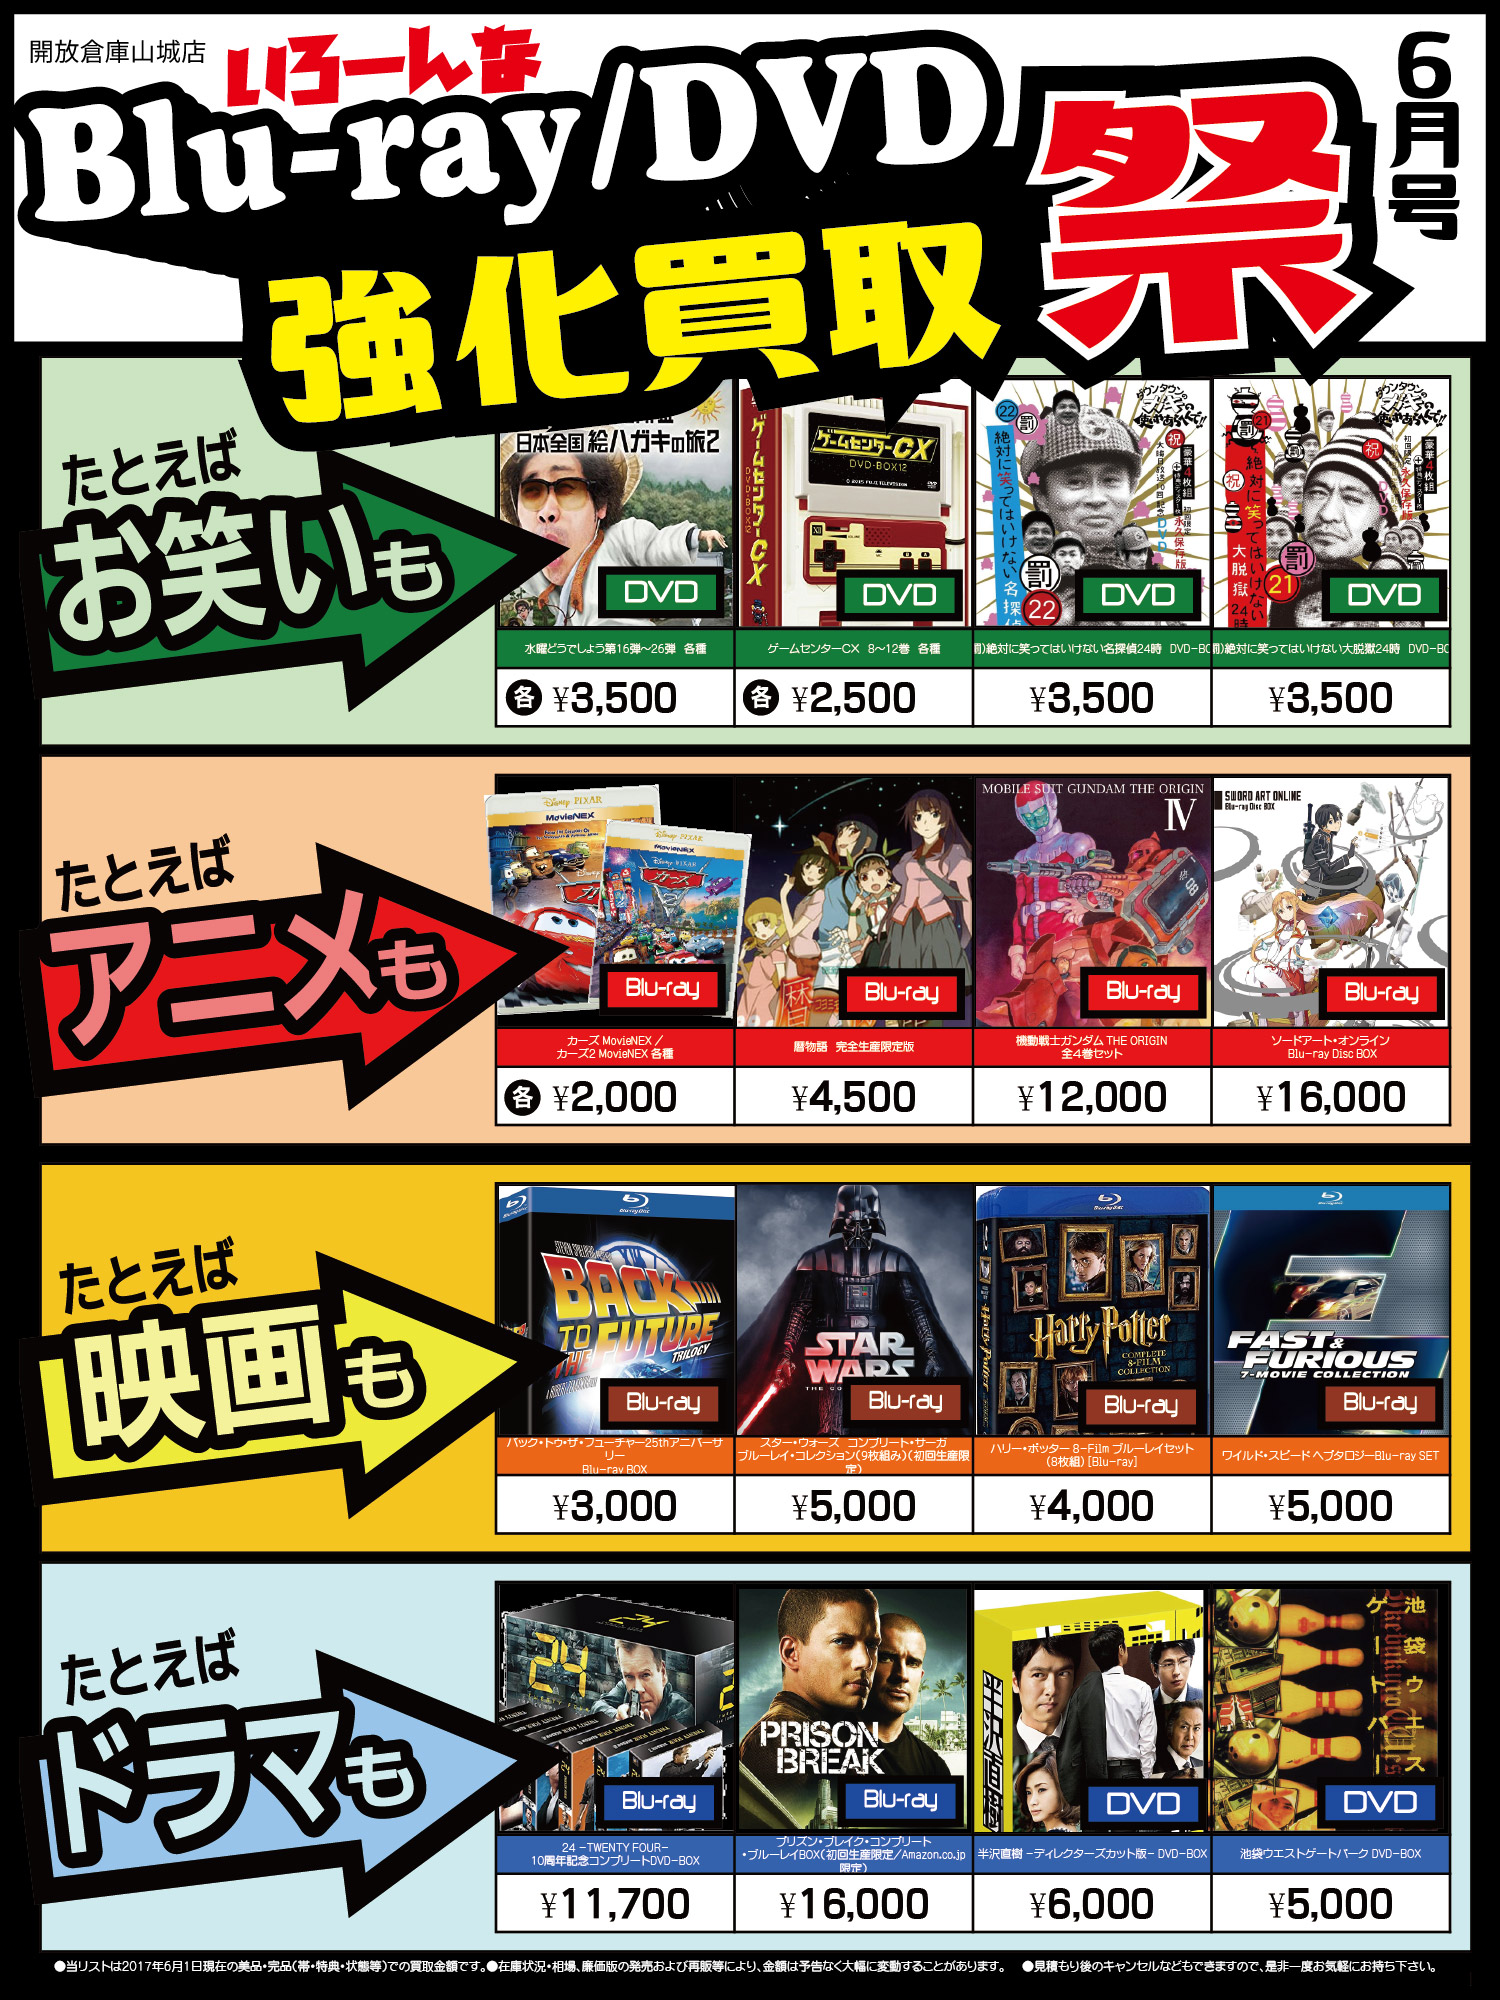 「開放倉庫山城店」ブルーレイ/DVD強化買取祭6月号!!お笑いもアニメも映画もドラマもブルーレイ、DVD買取強化!!